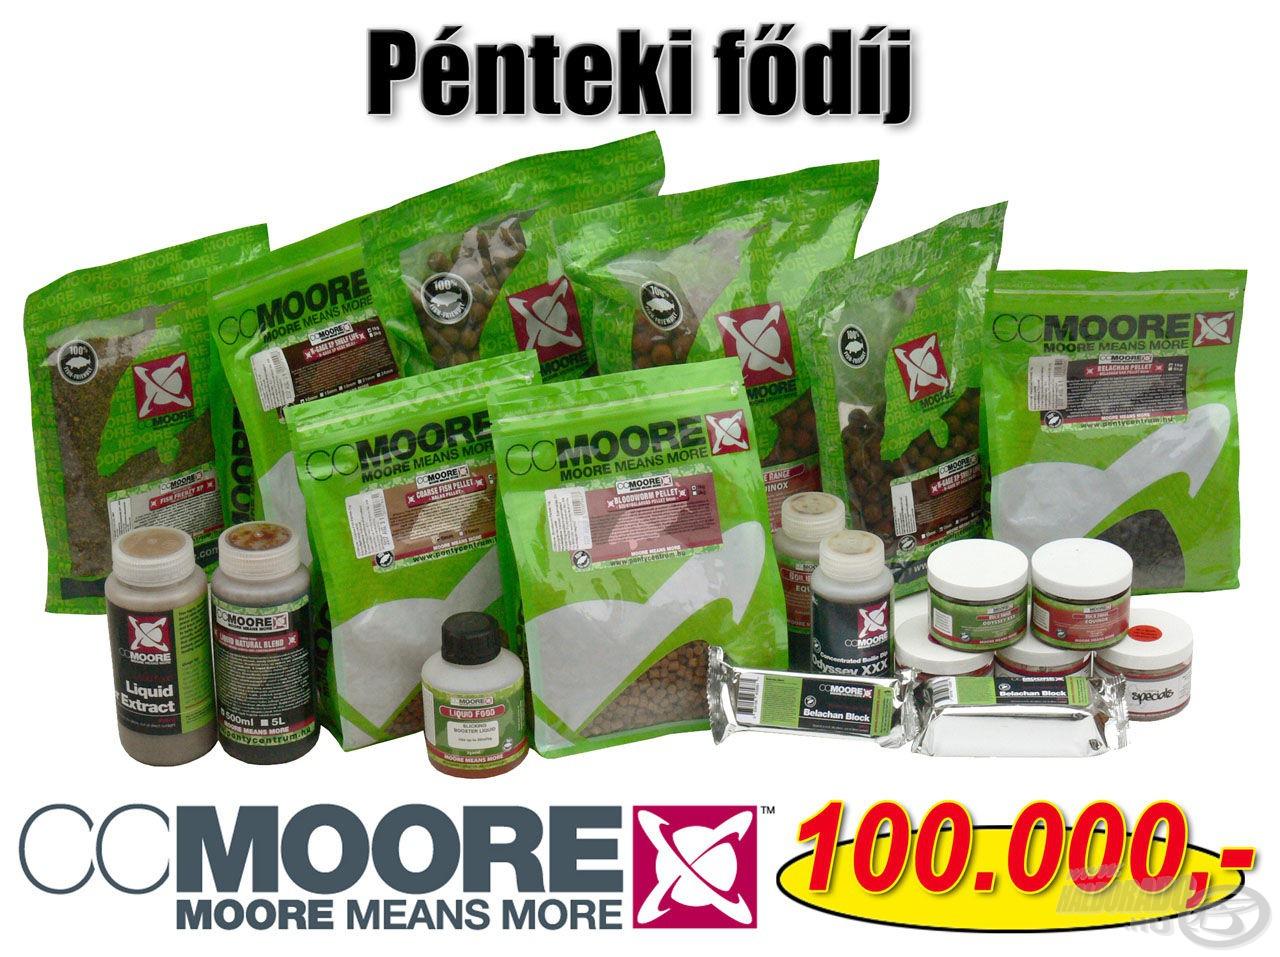 A tudáspróbával összekötött tombola fődíja a pénteki napon egy 100.000 Ft értékű CCMoore ajándékcsomag!